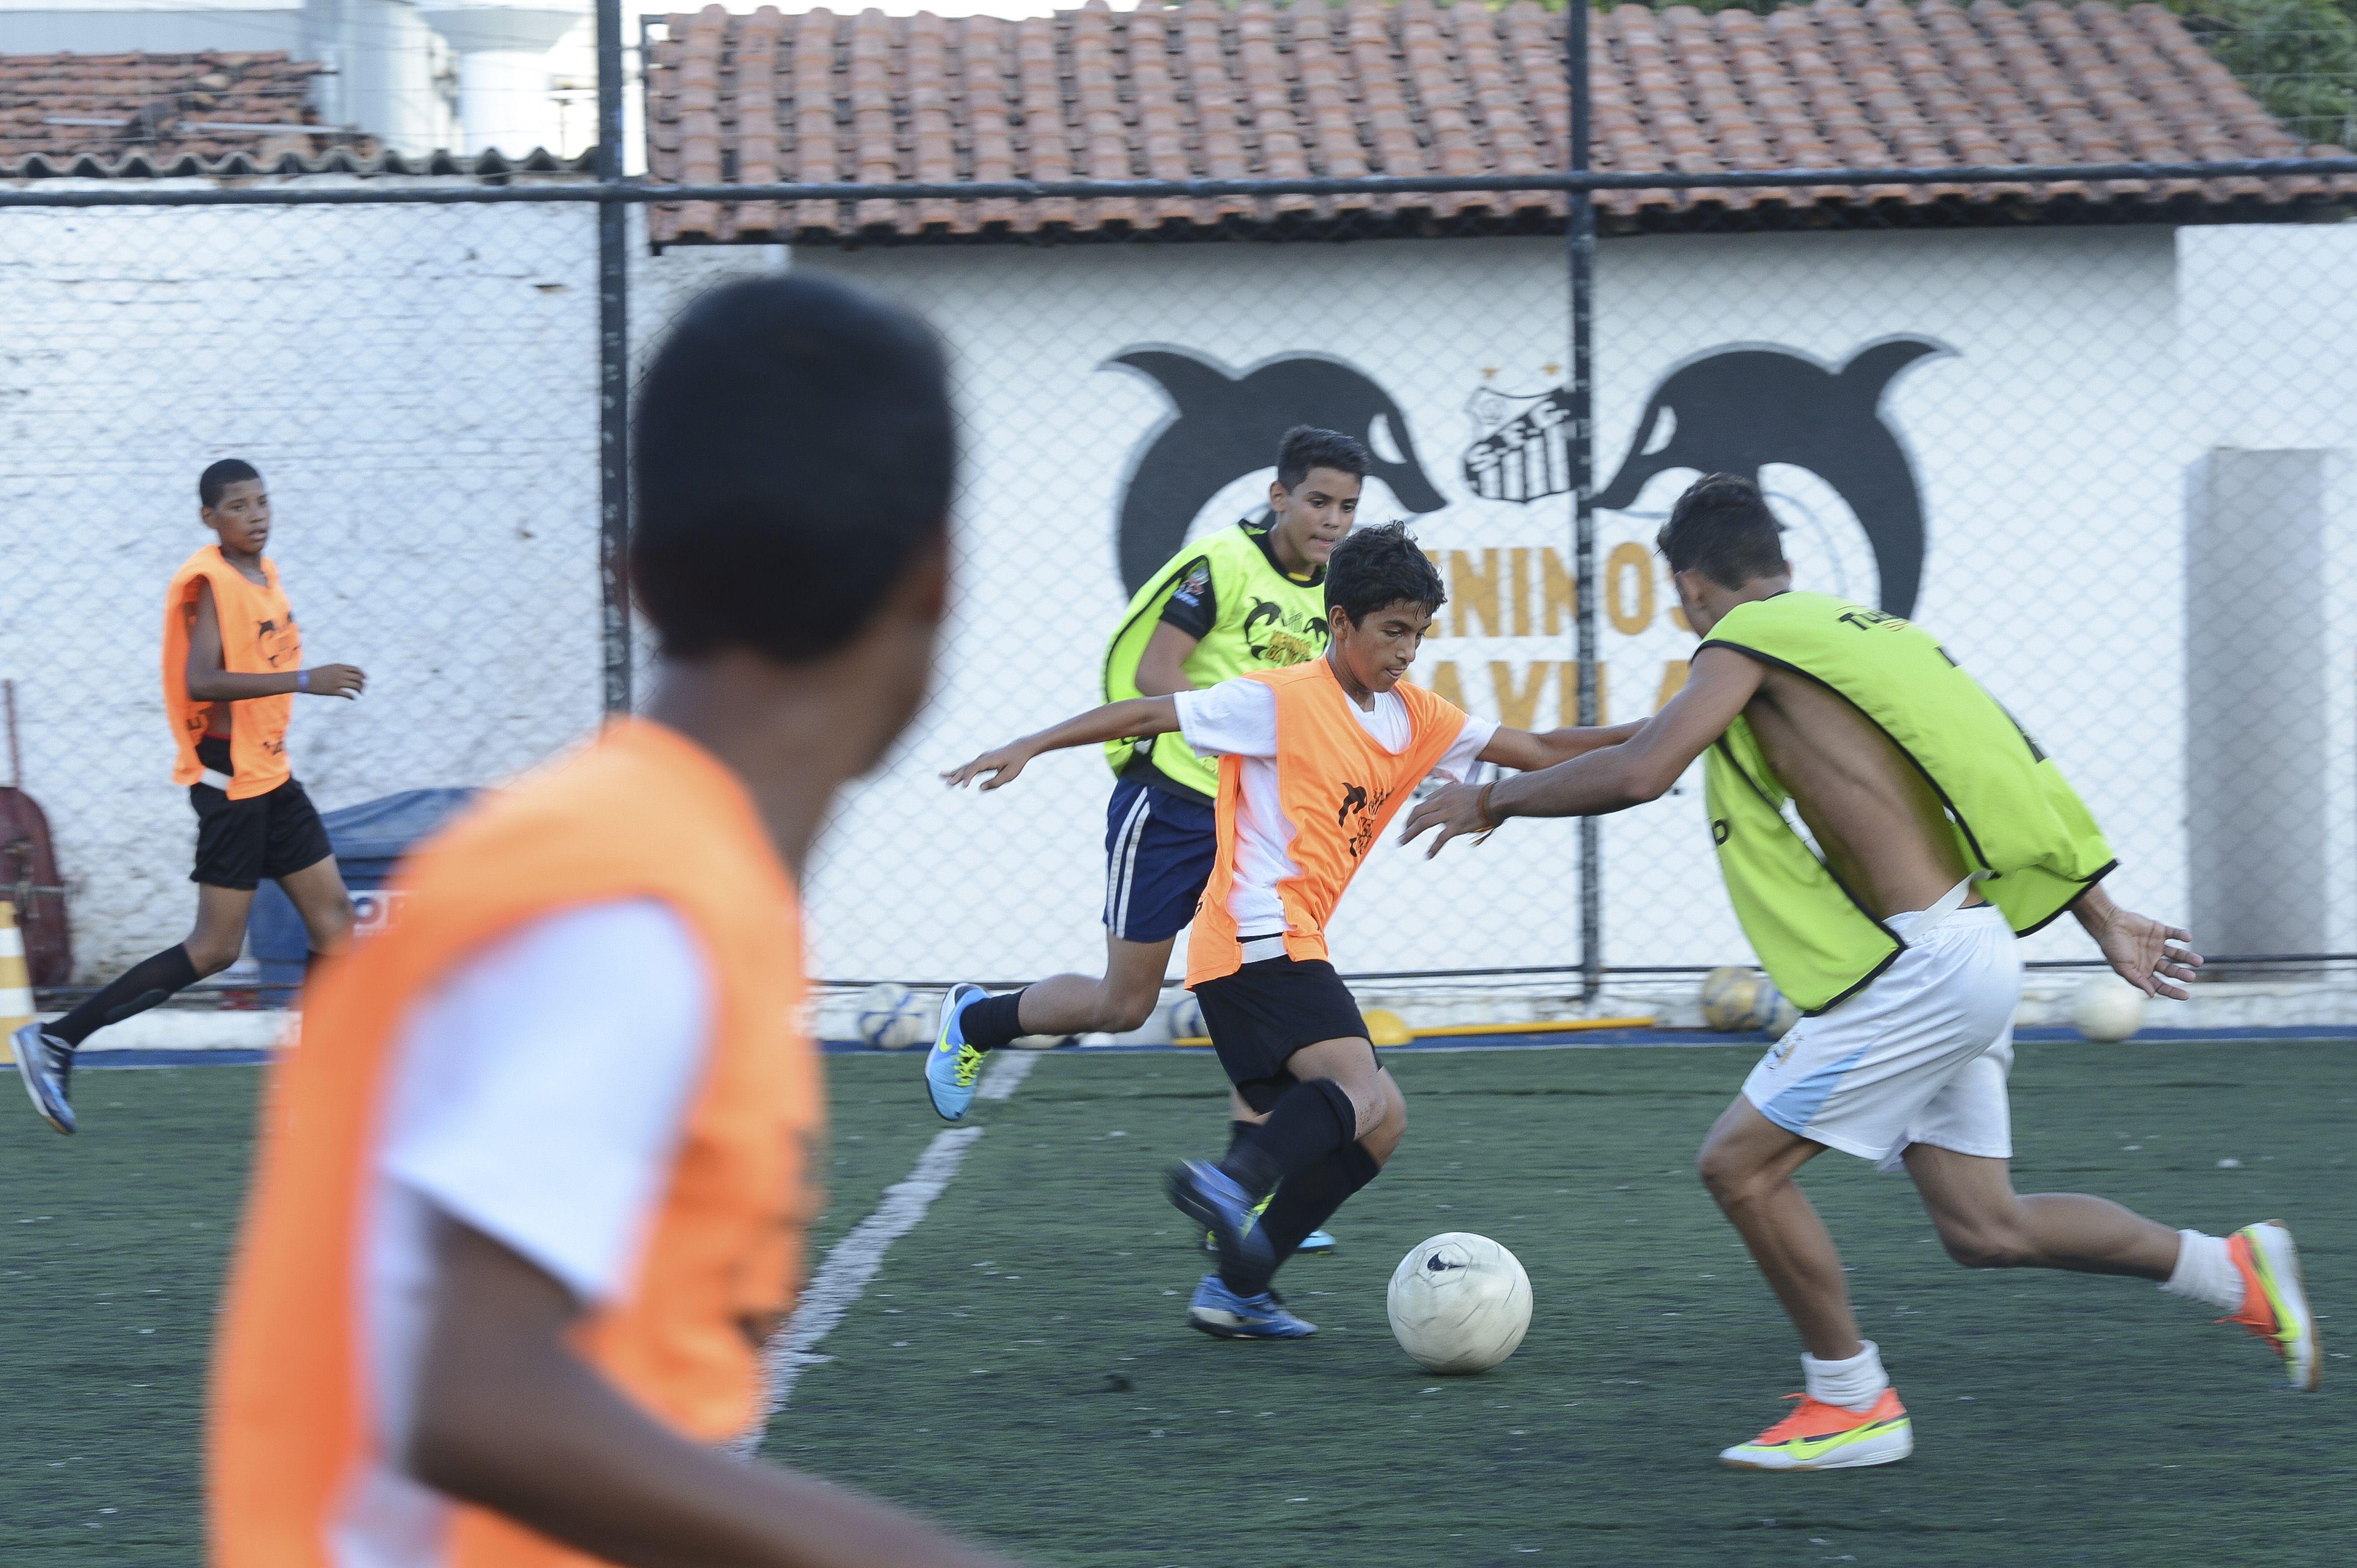 0aff579bde O futebol é o esporte mais praticado no Brasil reunindo quase 16 milhões de  pessoas Agência Brasil